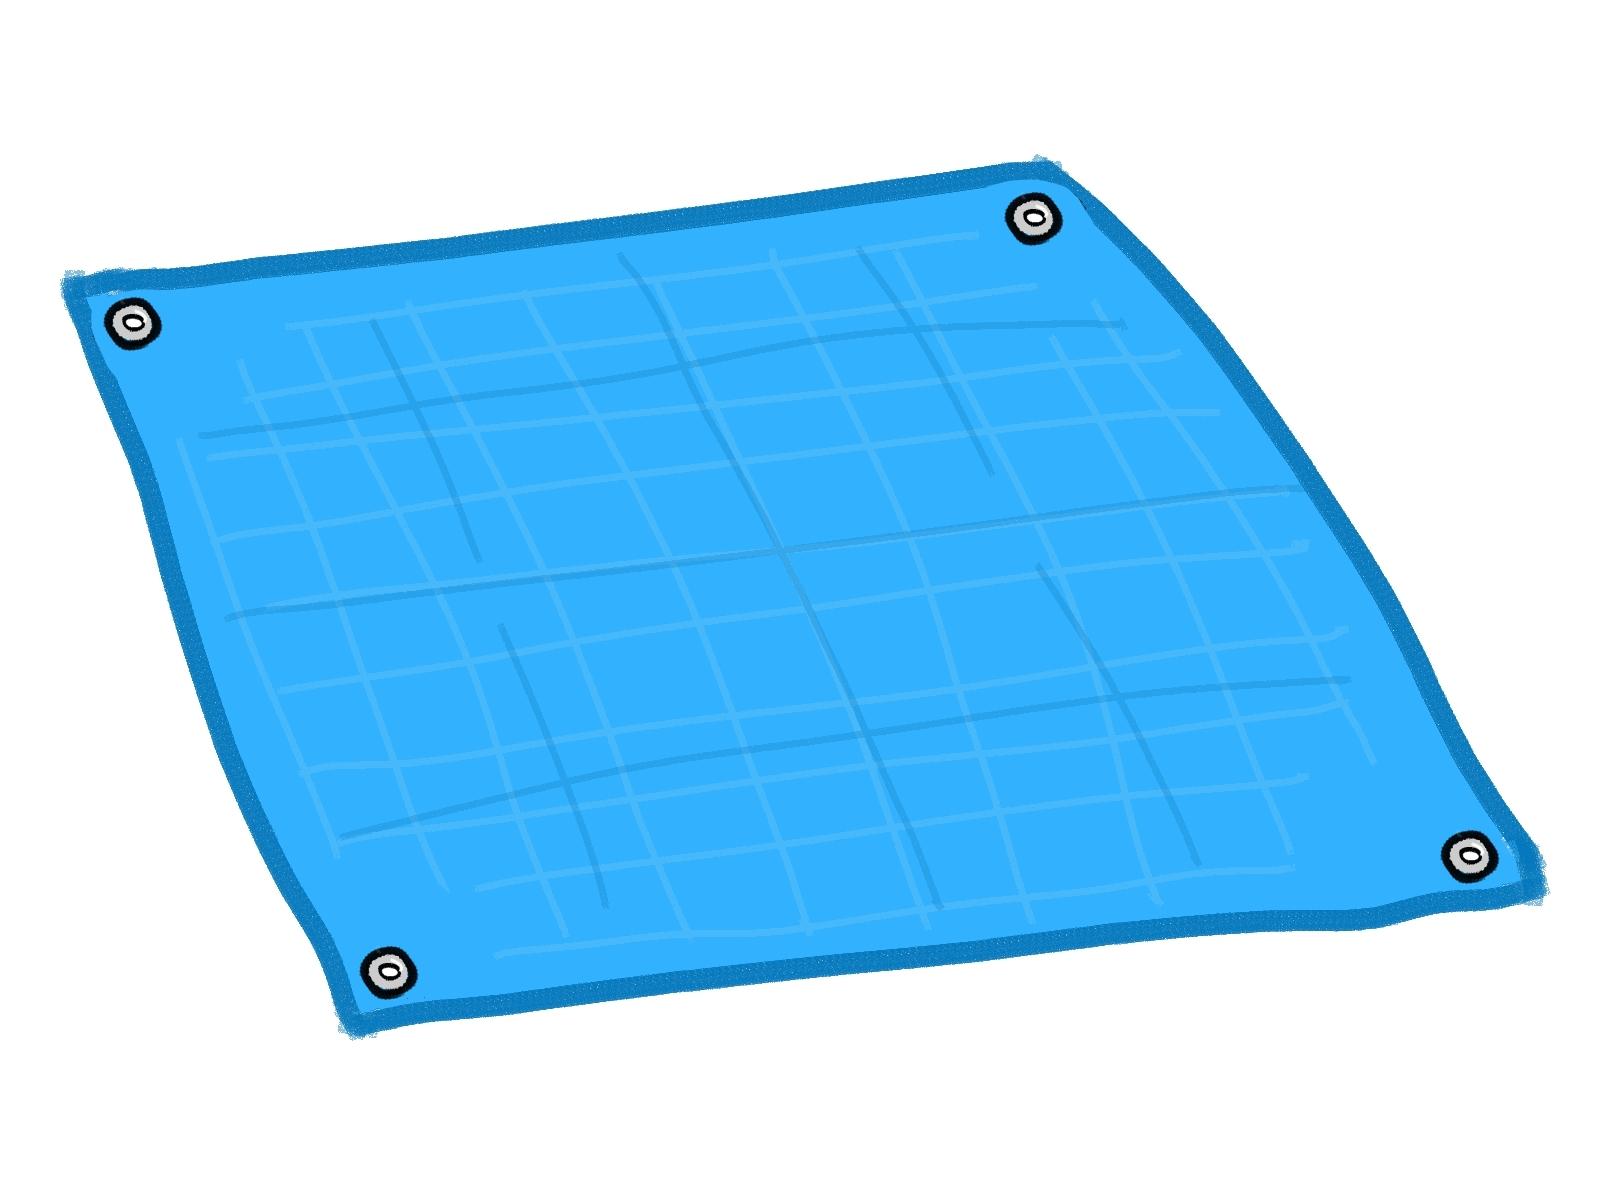 ブルー シート なぜ 青い